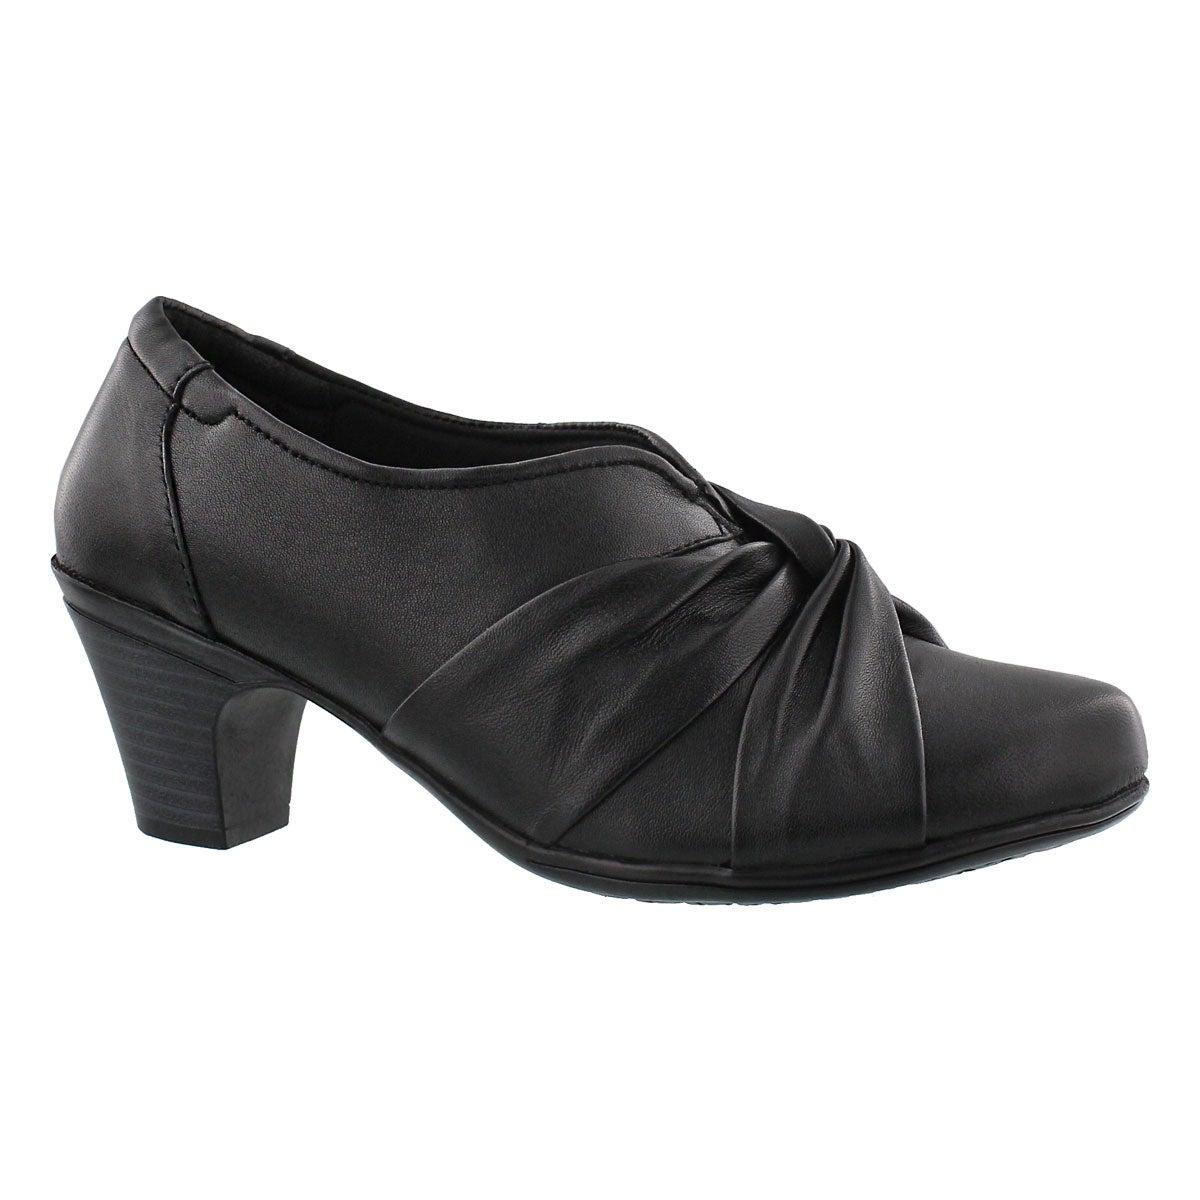 Women's DANIELLE black dress heels - Wide